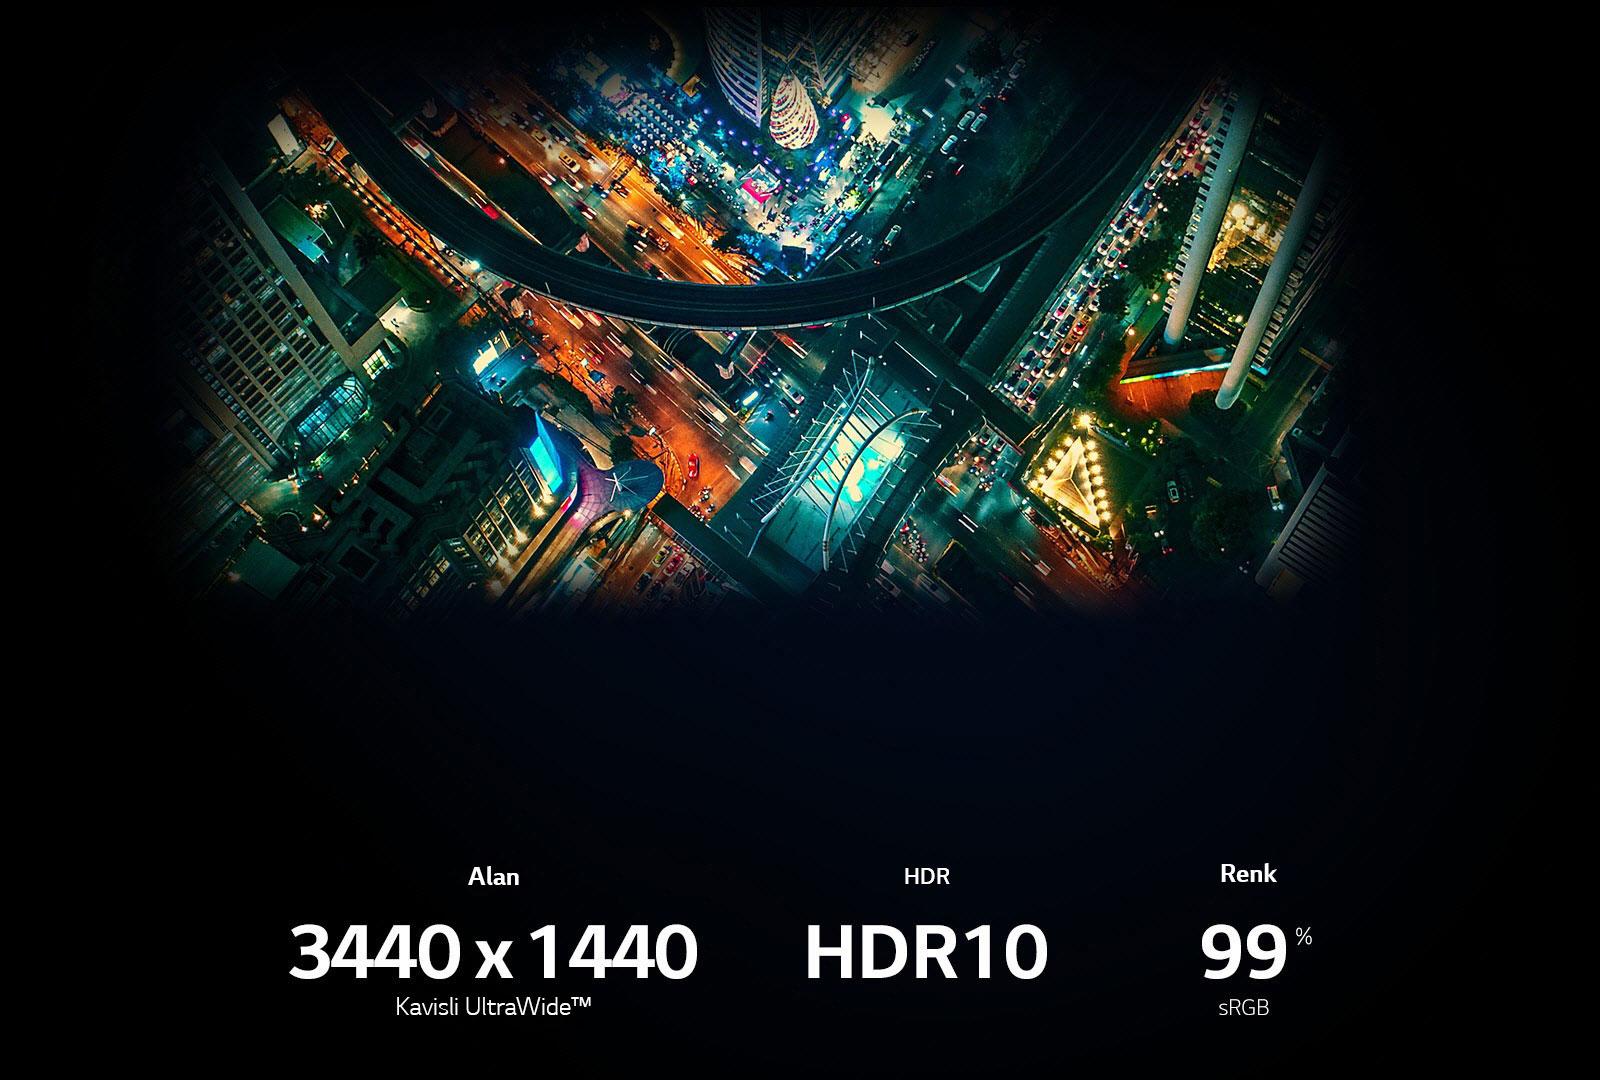 MNT-34WL85C-01-2-Curved-UltraWide-BG-Desktop_t1